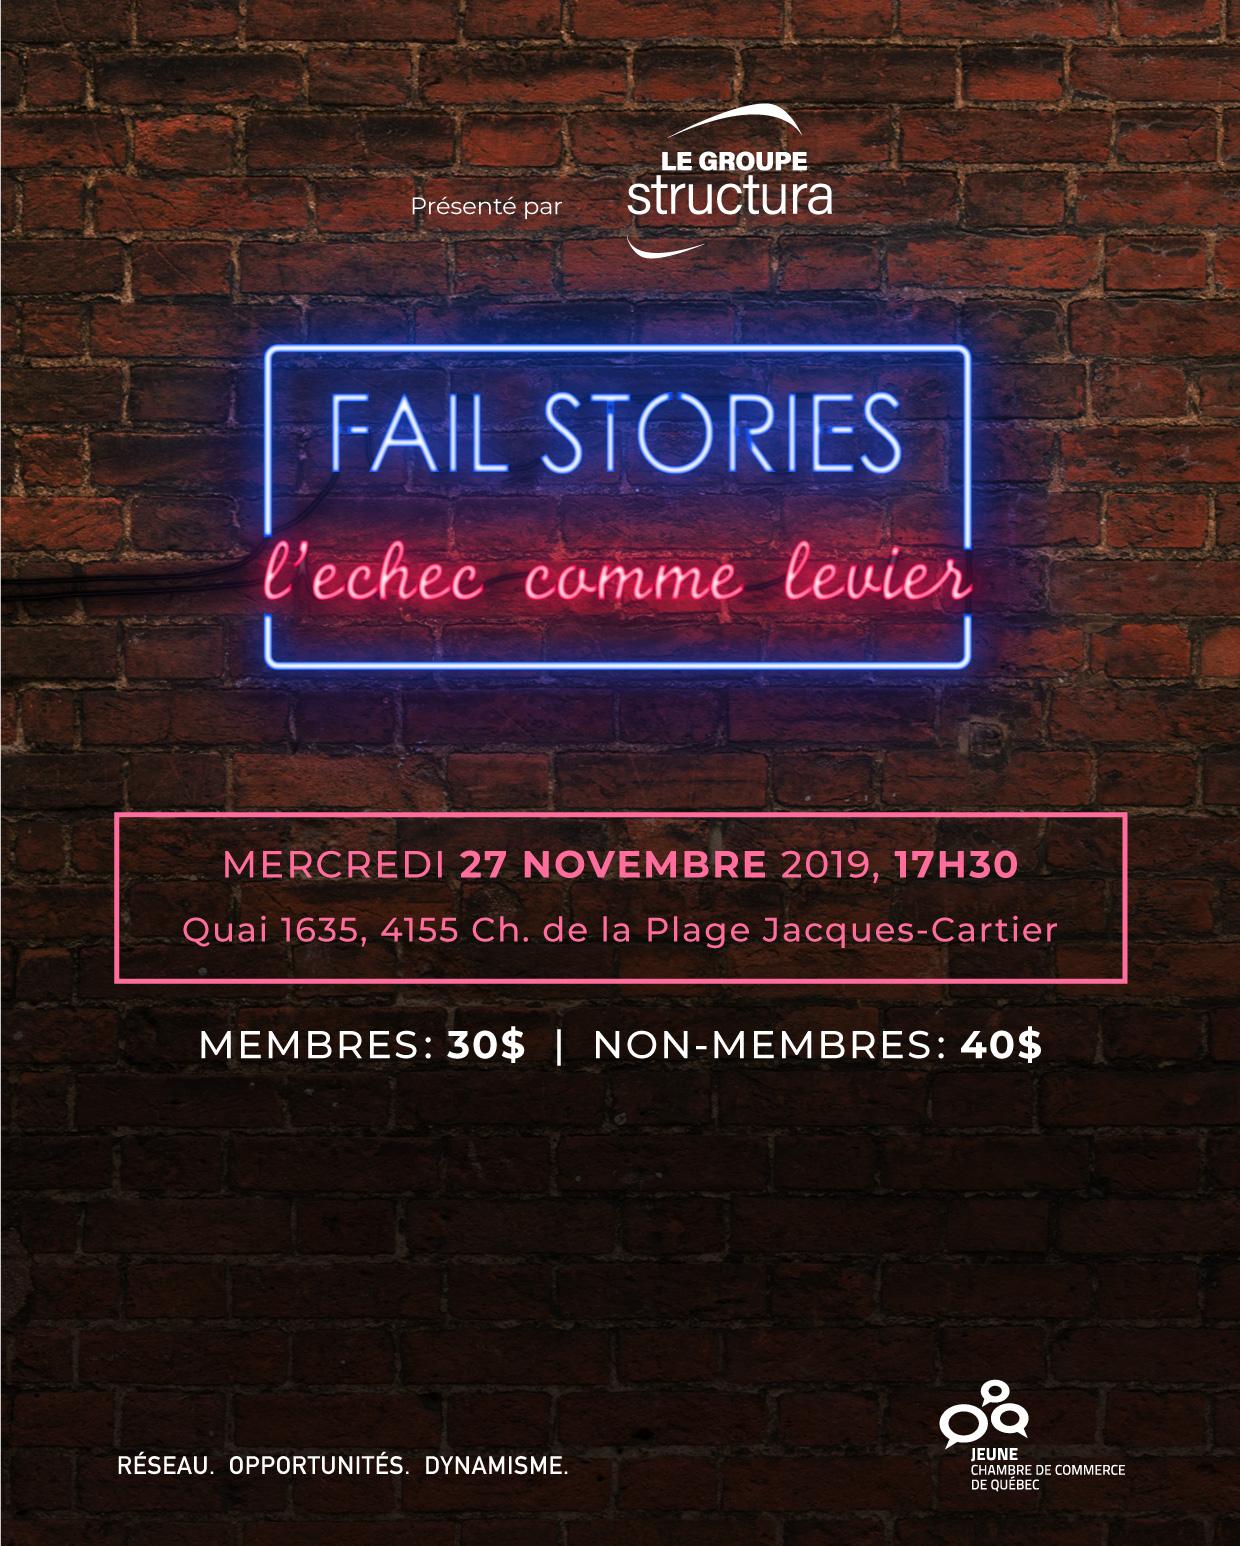 Fail stories : L'échec comme levier